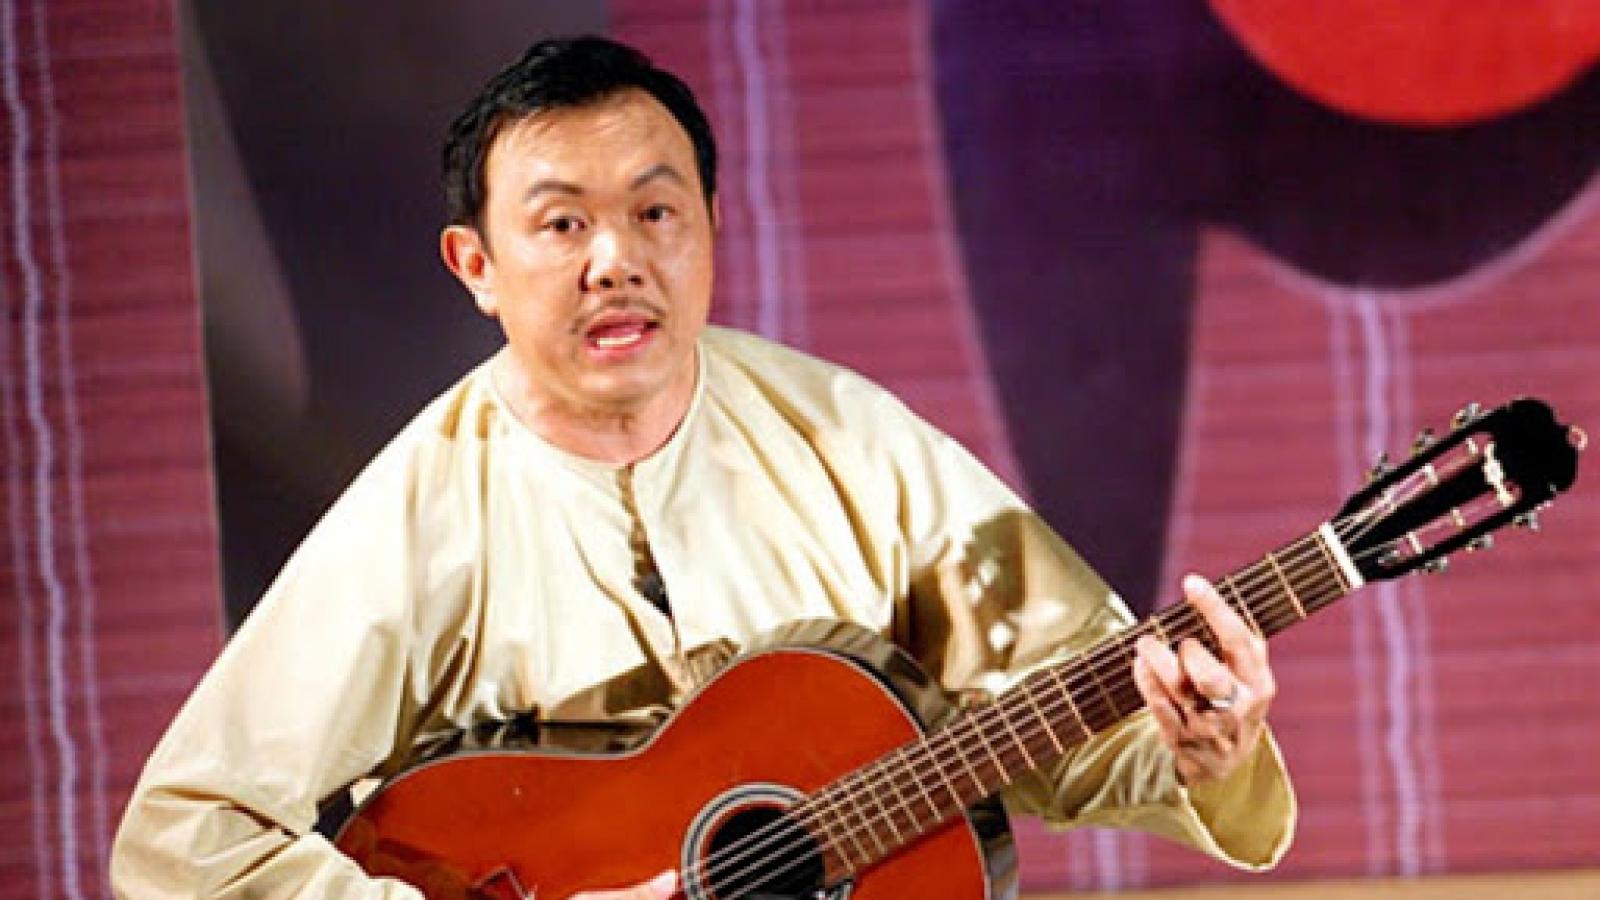 Trước khi là một danh hài, ít ai biết Chí Tài còn là một nhạc công